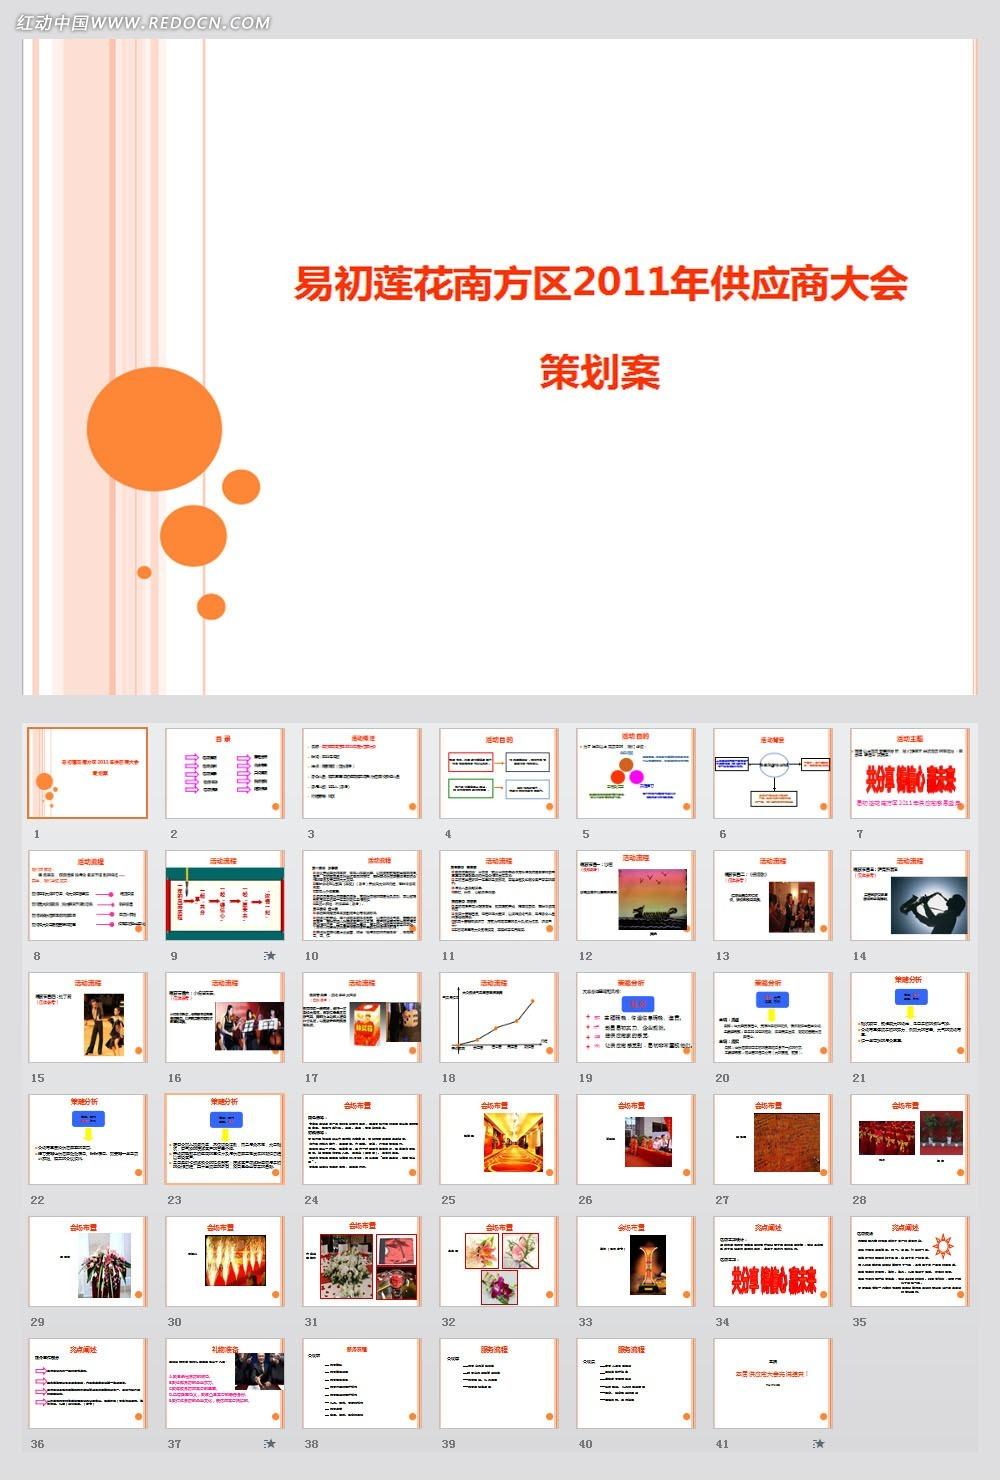 供应商大会策划案ppt模板素材免费下载 编号3038046 红动网